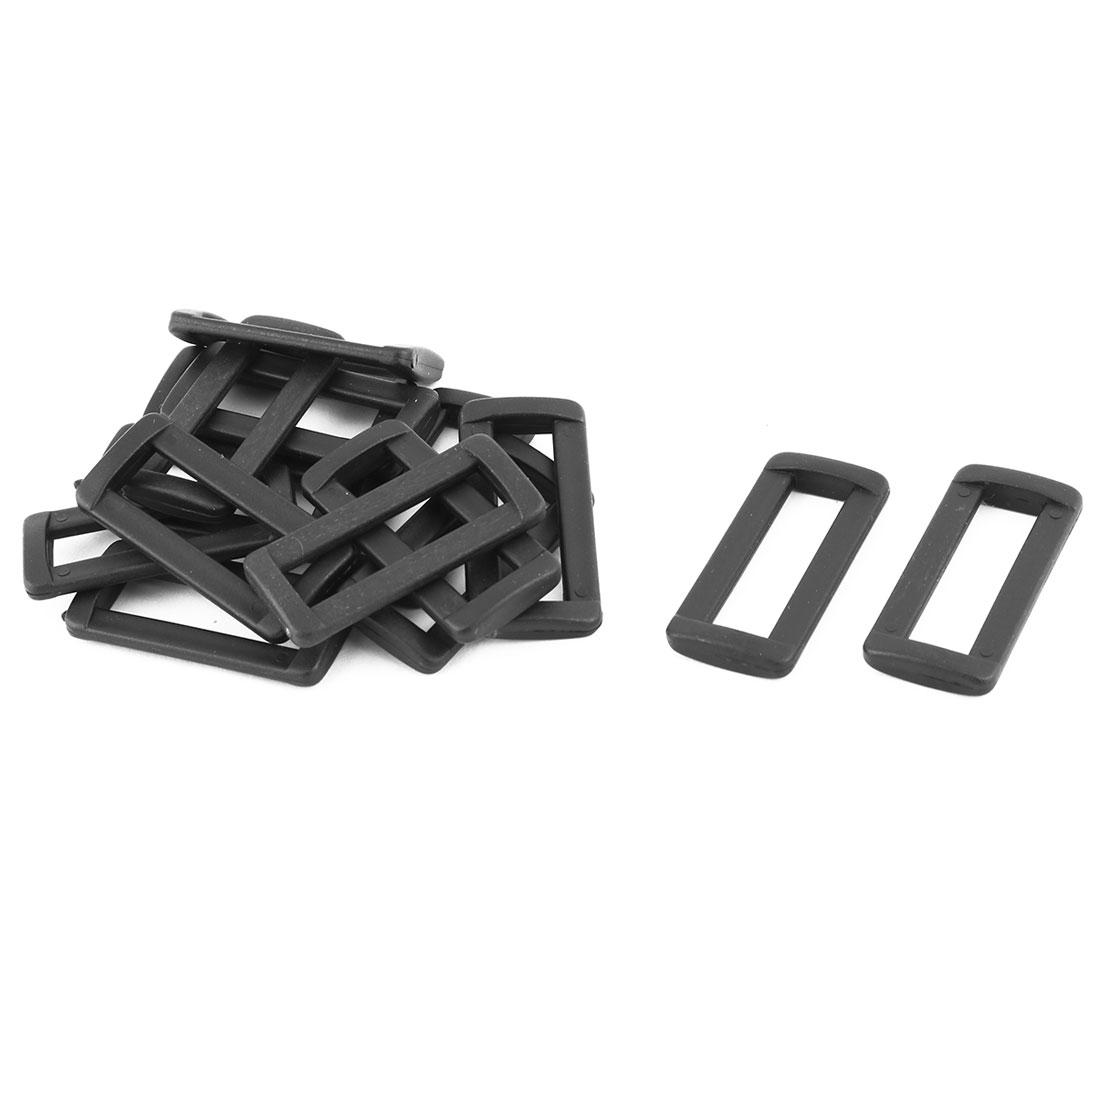 Backpack Belt Adjustable Tri Glide Fastener Buckles Black 38mm Strap Width 15pcs